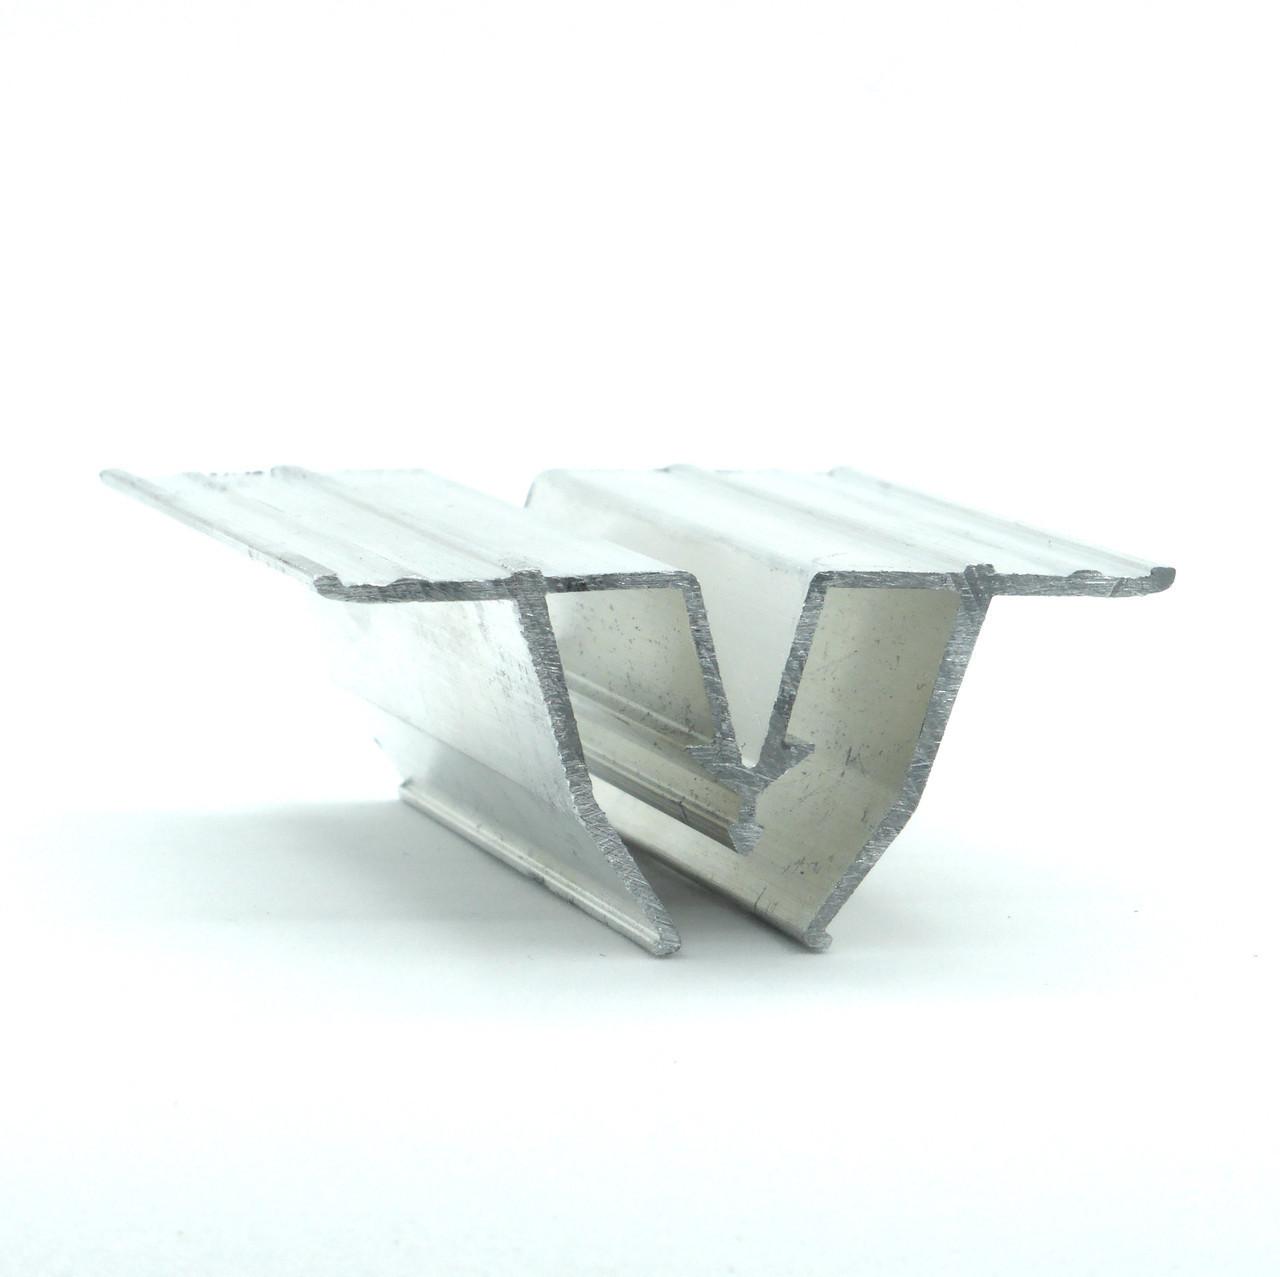 Профиль алюминиевый - W-образный, сепарационный. Длина профиля 2,5 м.